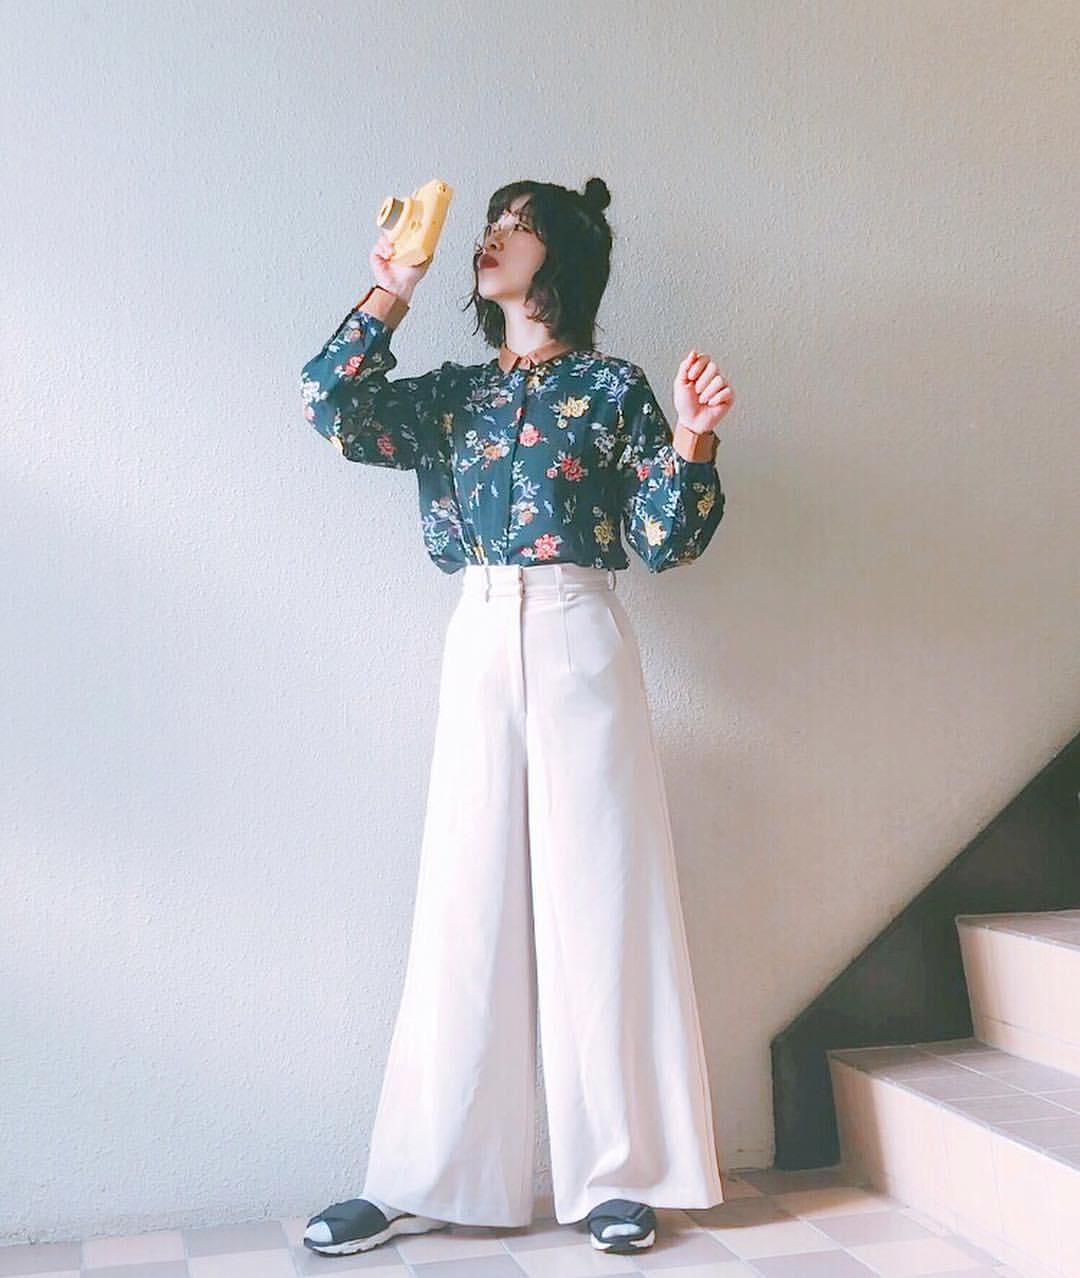 最高気温9度・最低気温4度 natsu_outfitsの服装